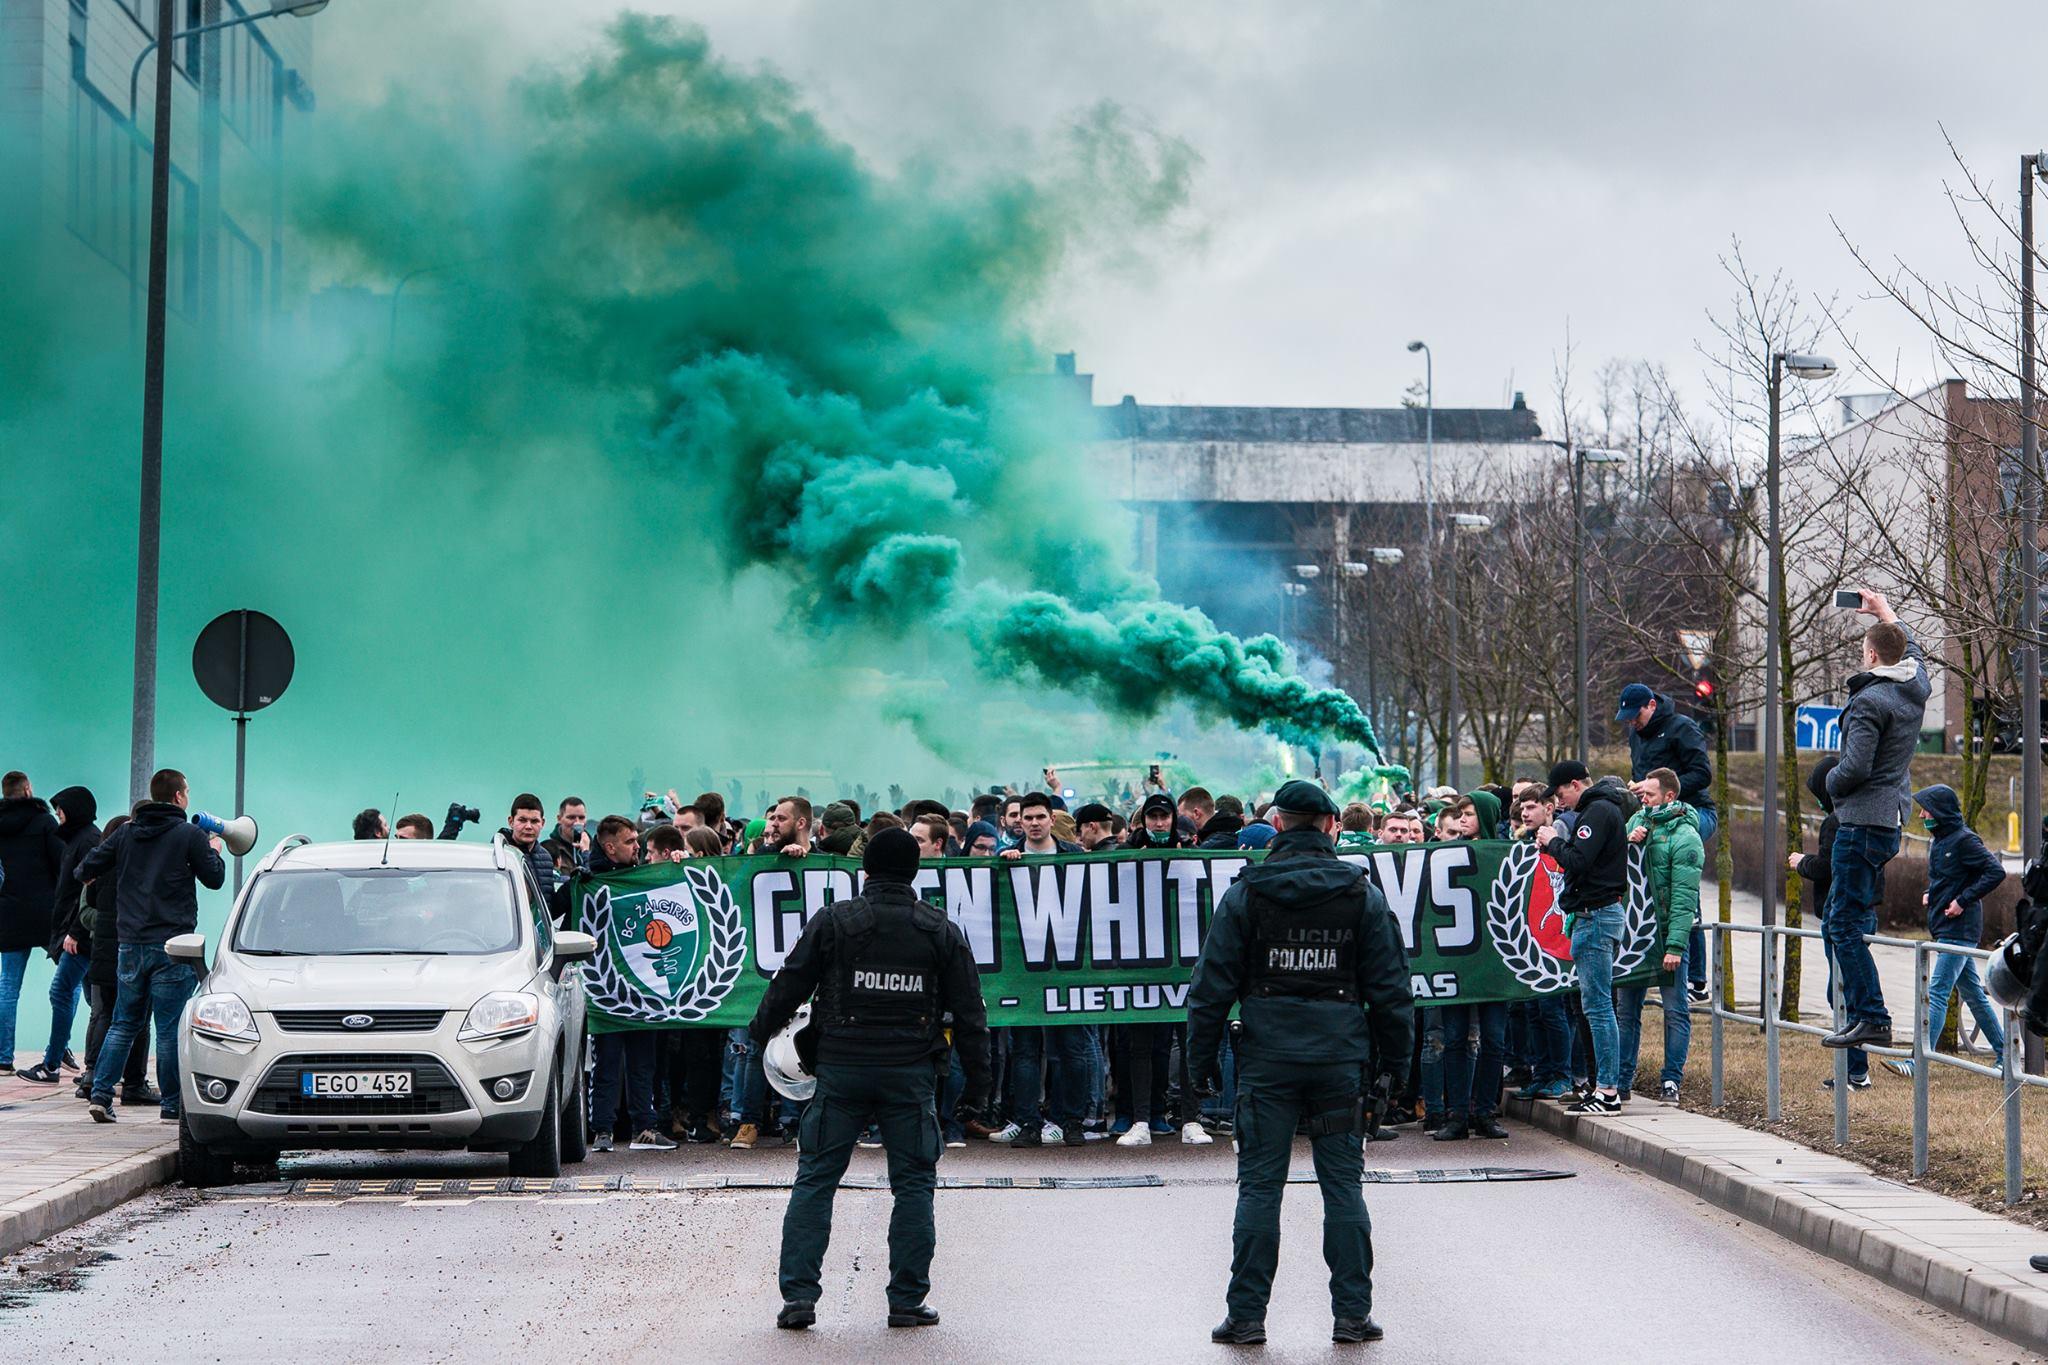 Green White Boys